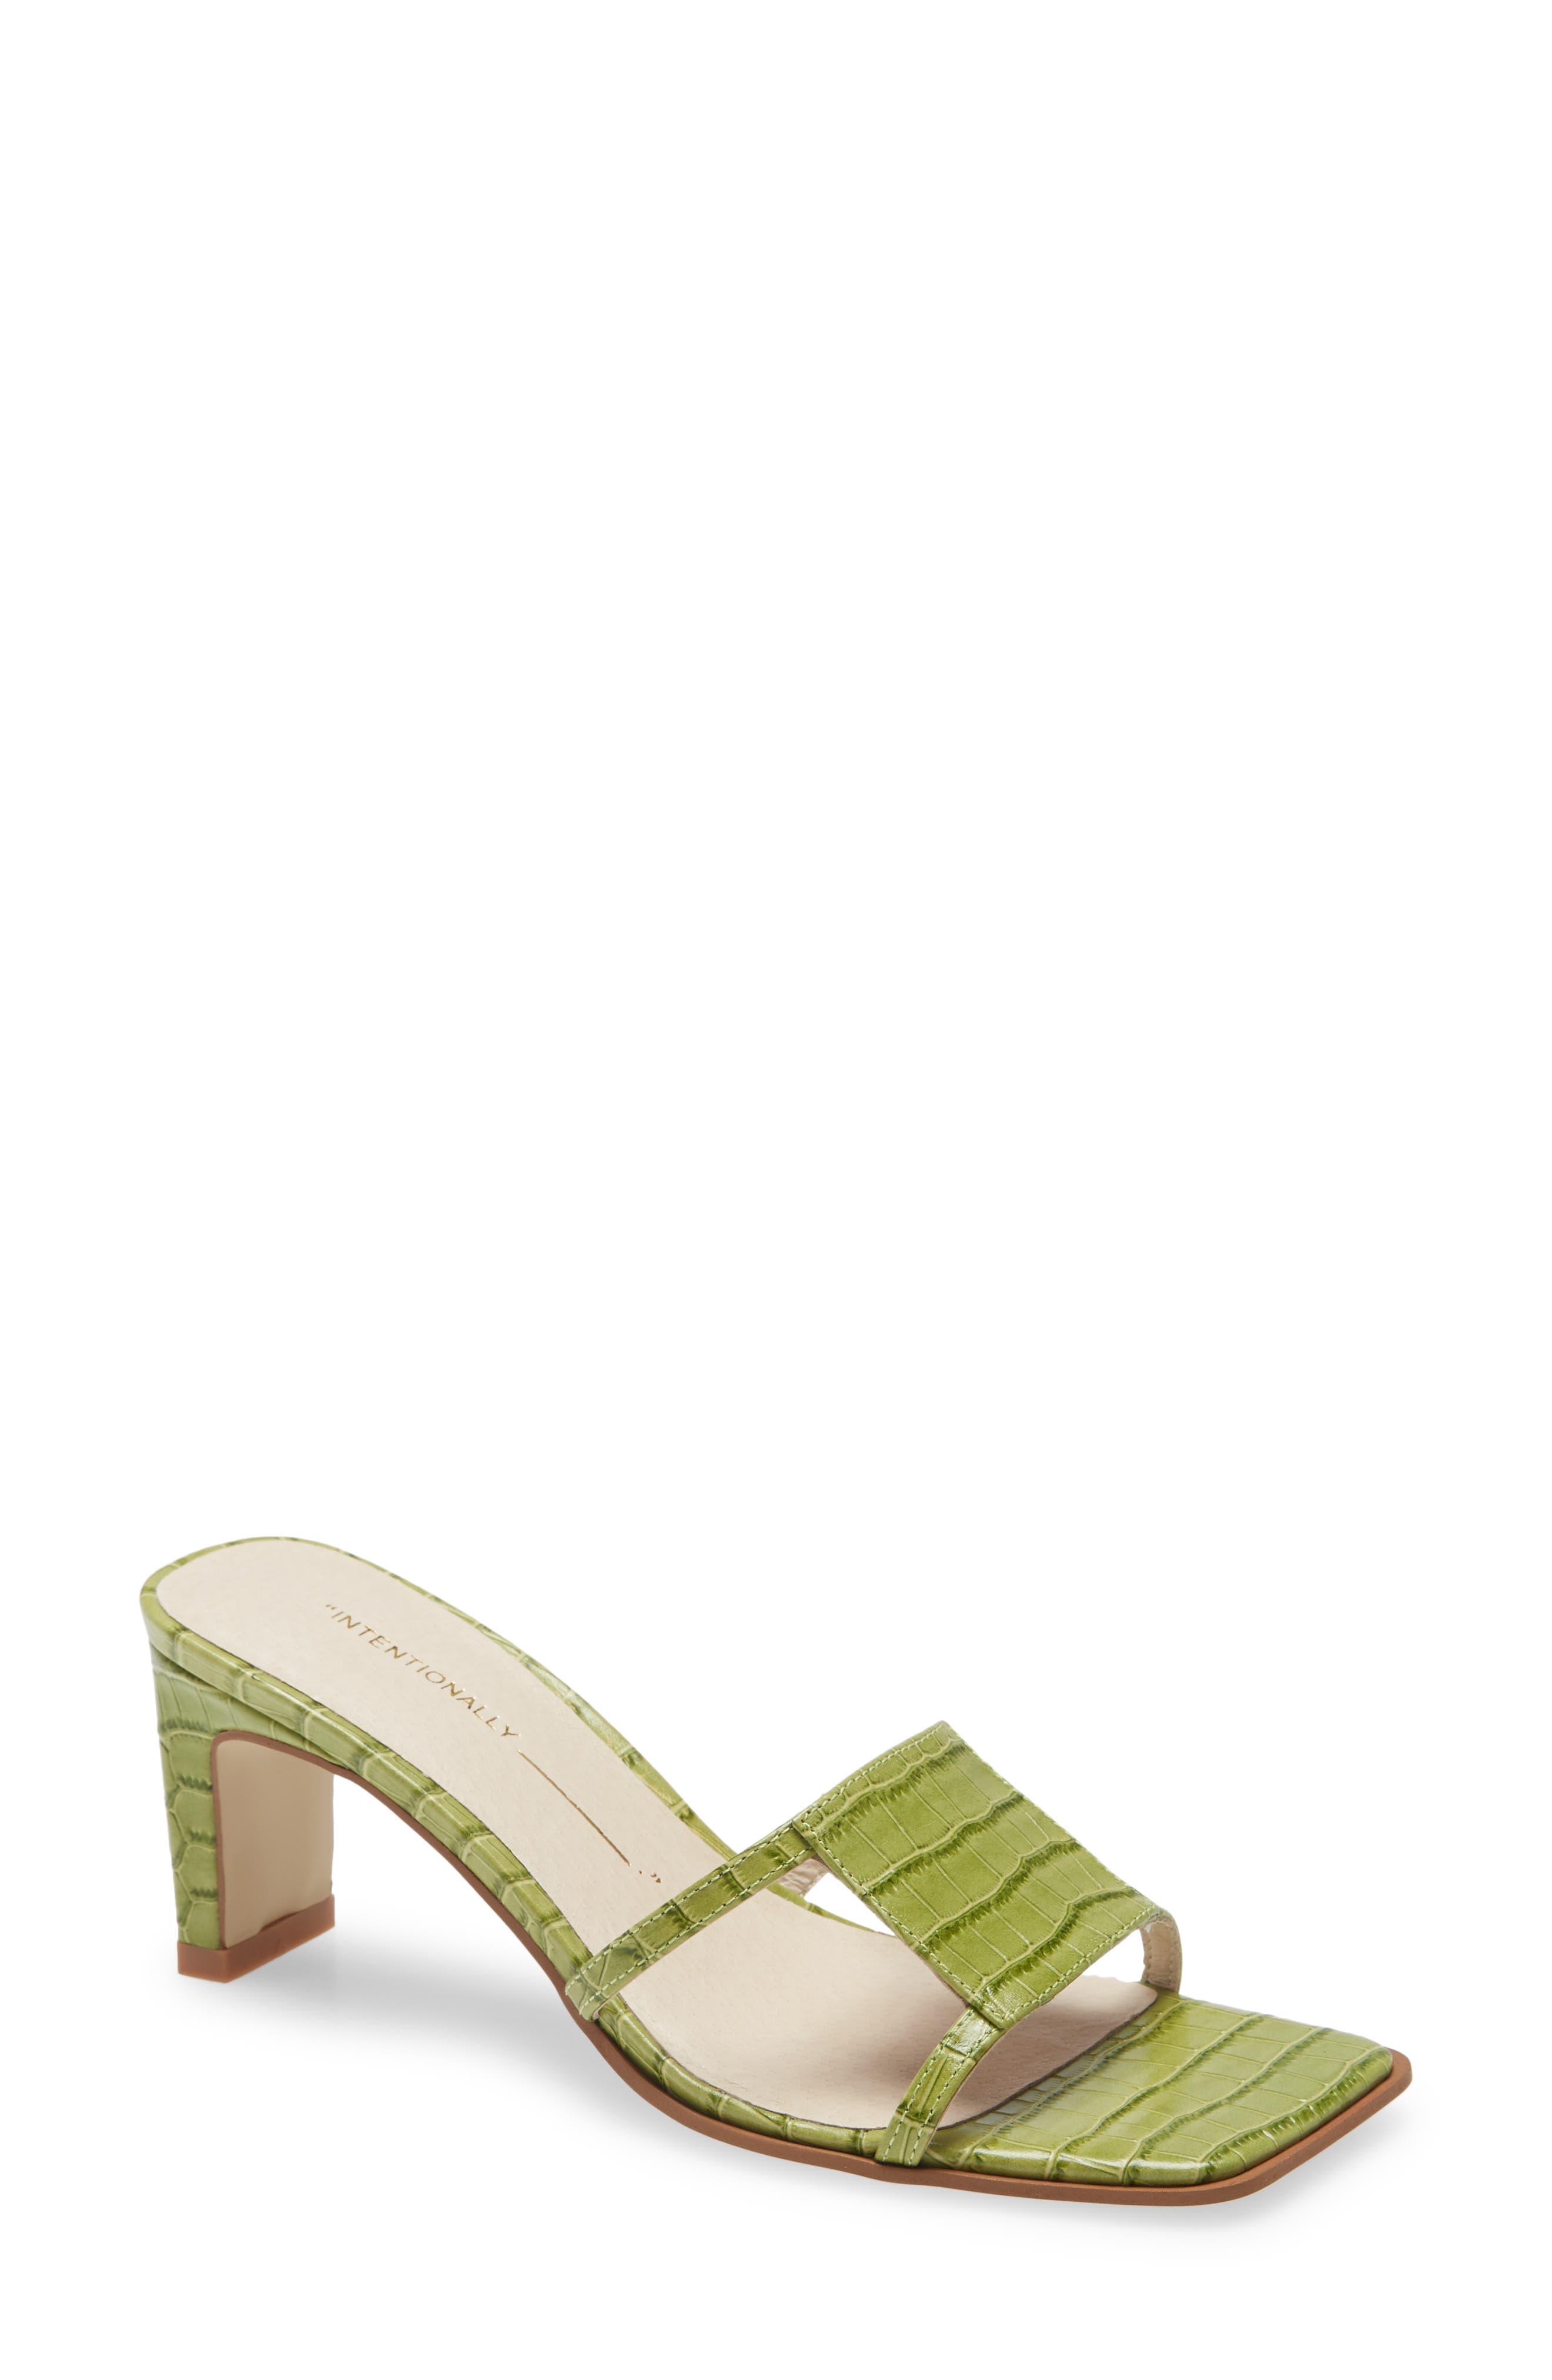 Inlow Slide Sandal